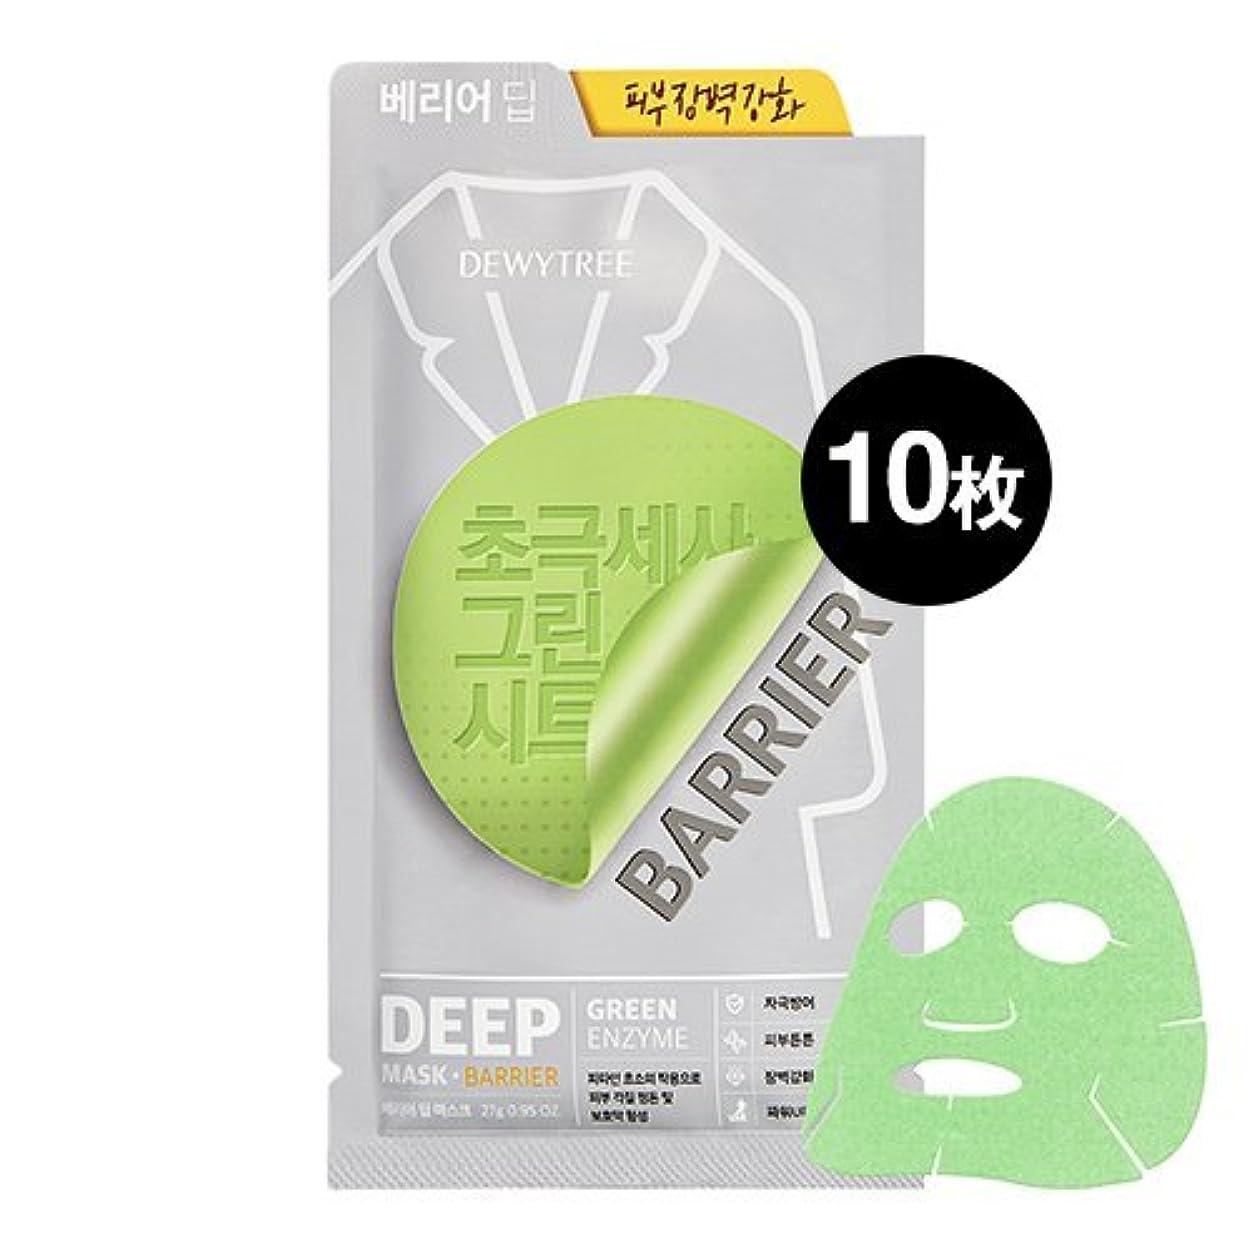 (デューイトゥリー) DEWYTREE バリアディープマスク 10枚 Barrier Deep Mask 韓国マスクパック (並行輸入品)